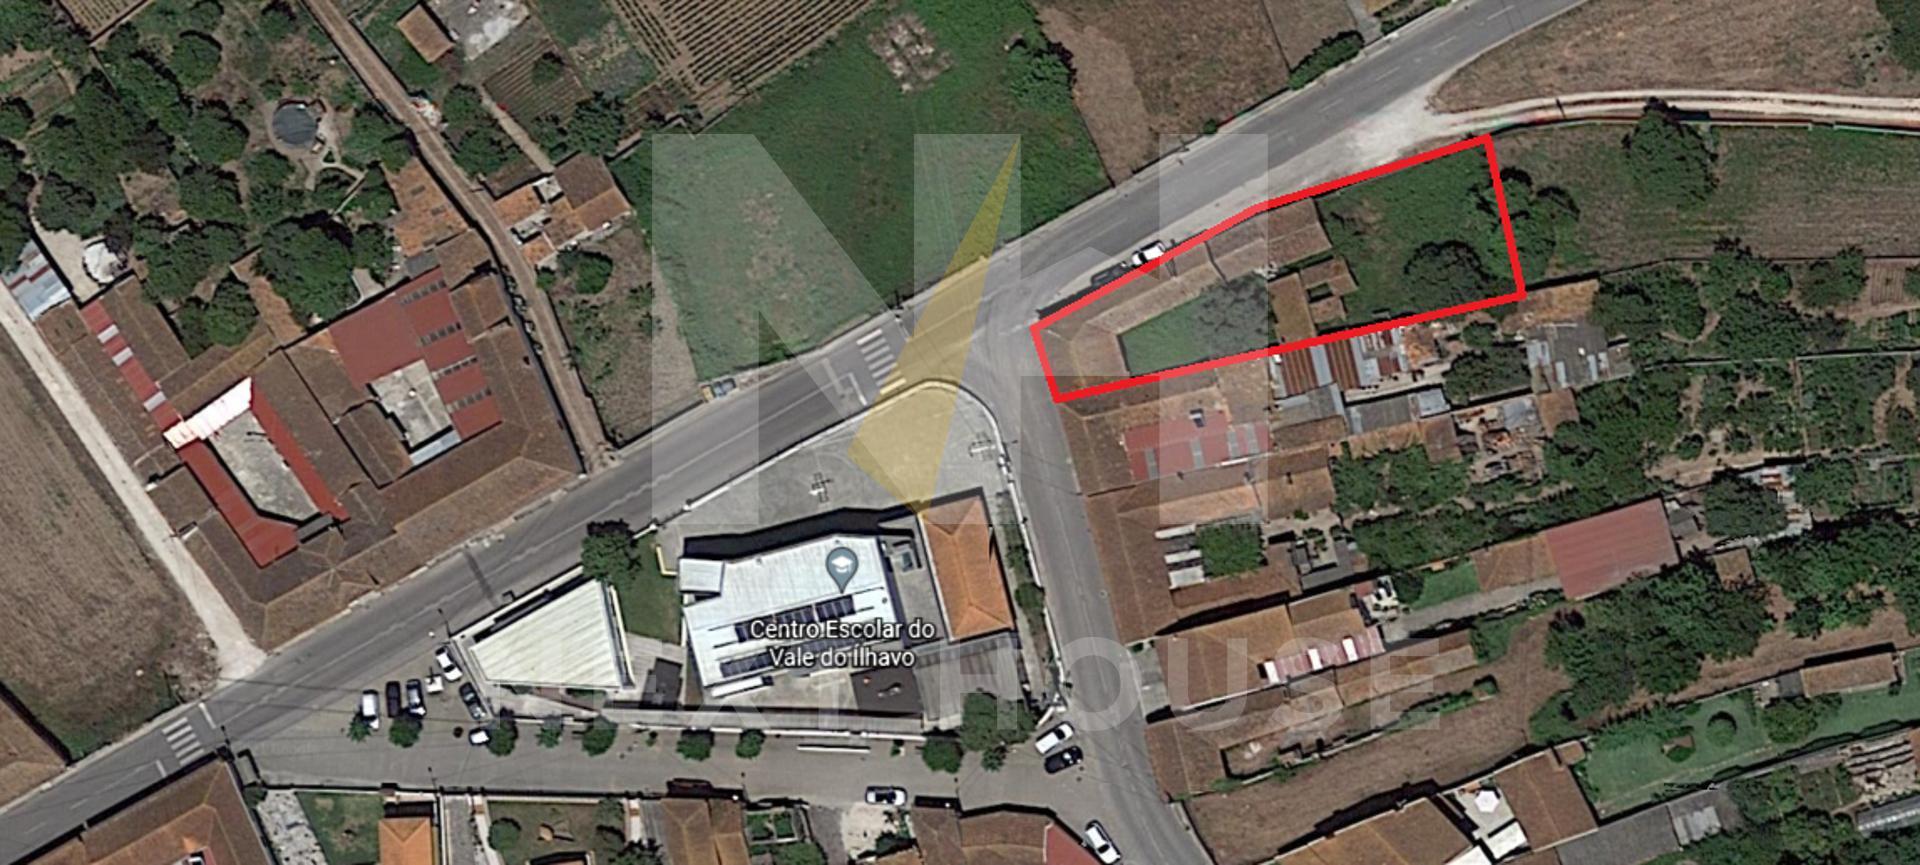 Para Restauro ou construção Nova  - Ílhavo, Ílhavo (são Salvador)